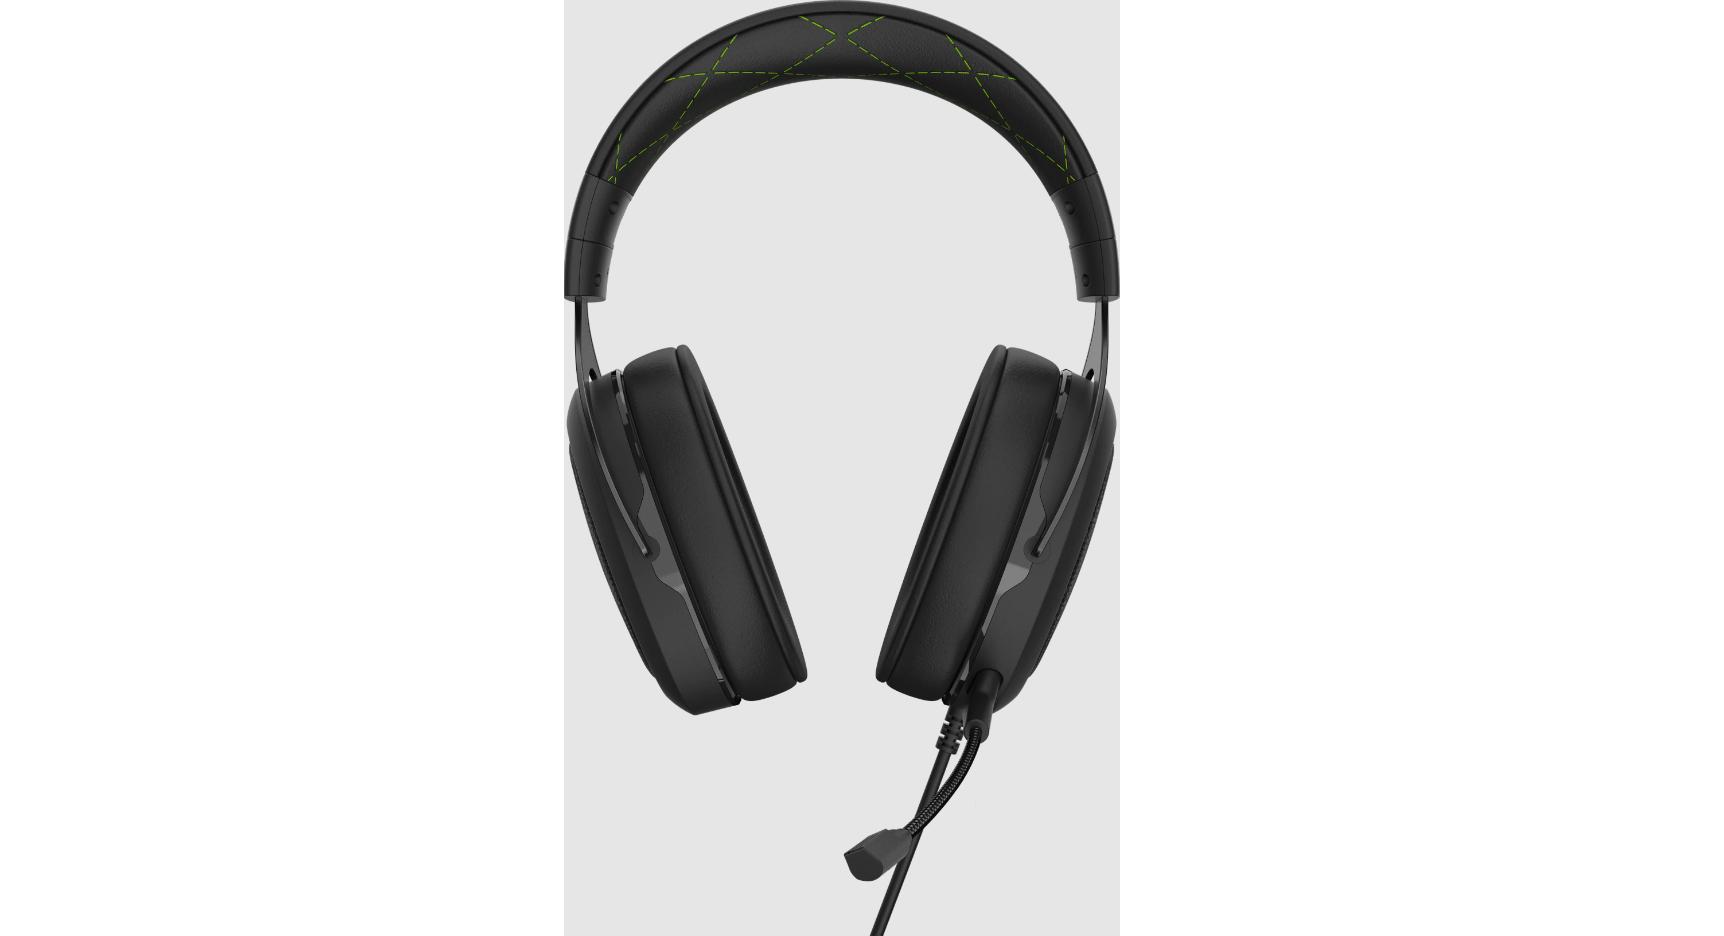 Tai nghe Gaming Corsair HS50 PRO Stereo Green được thiết kế cho sự thoải mái